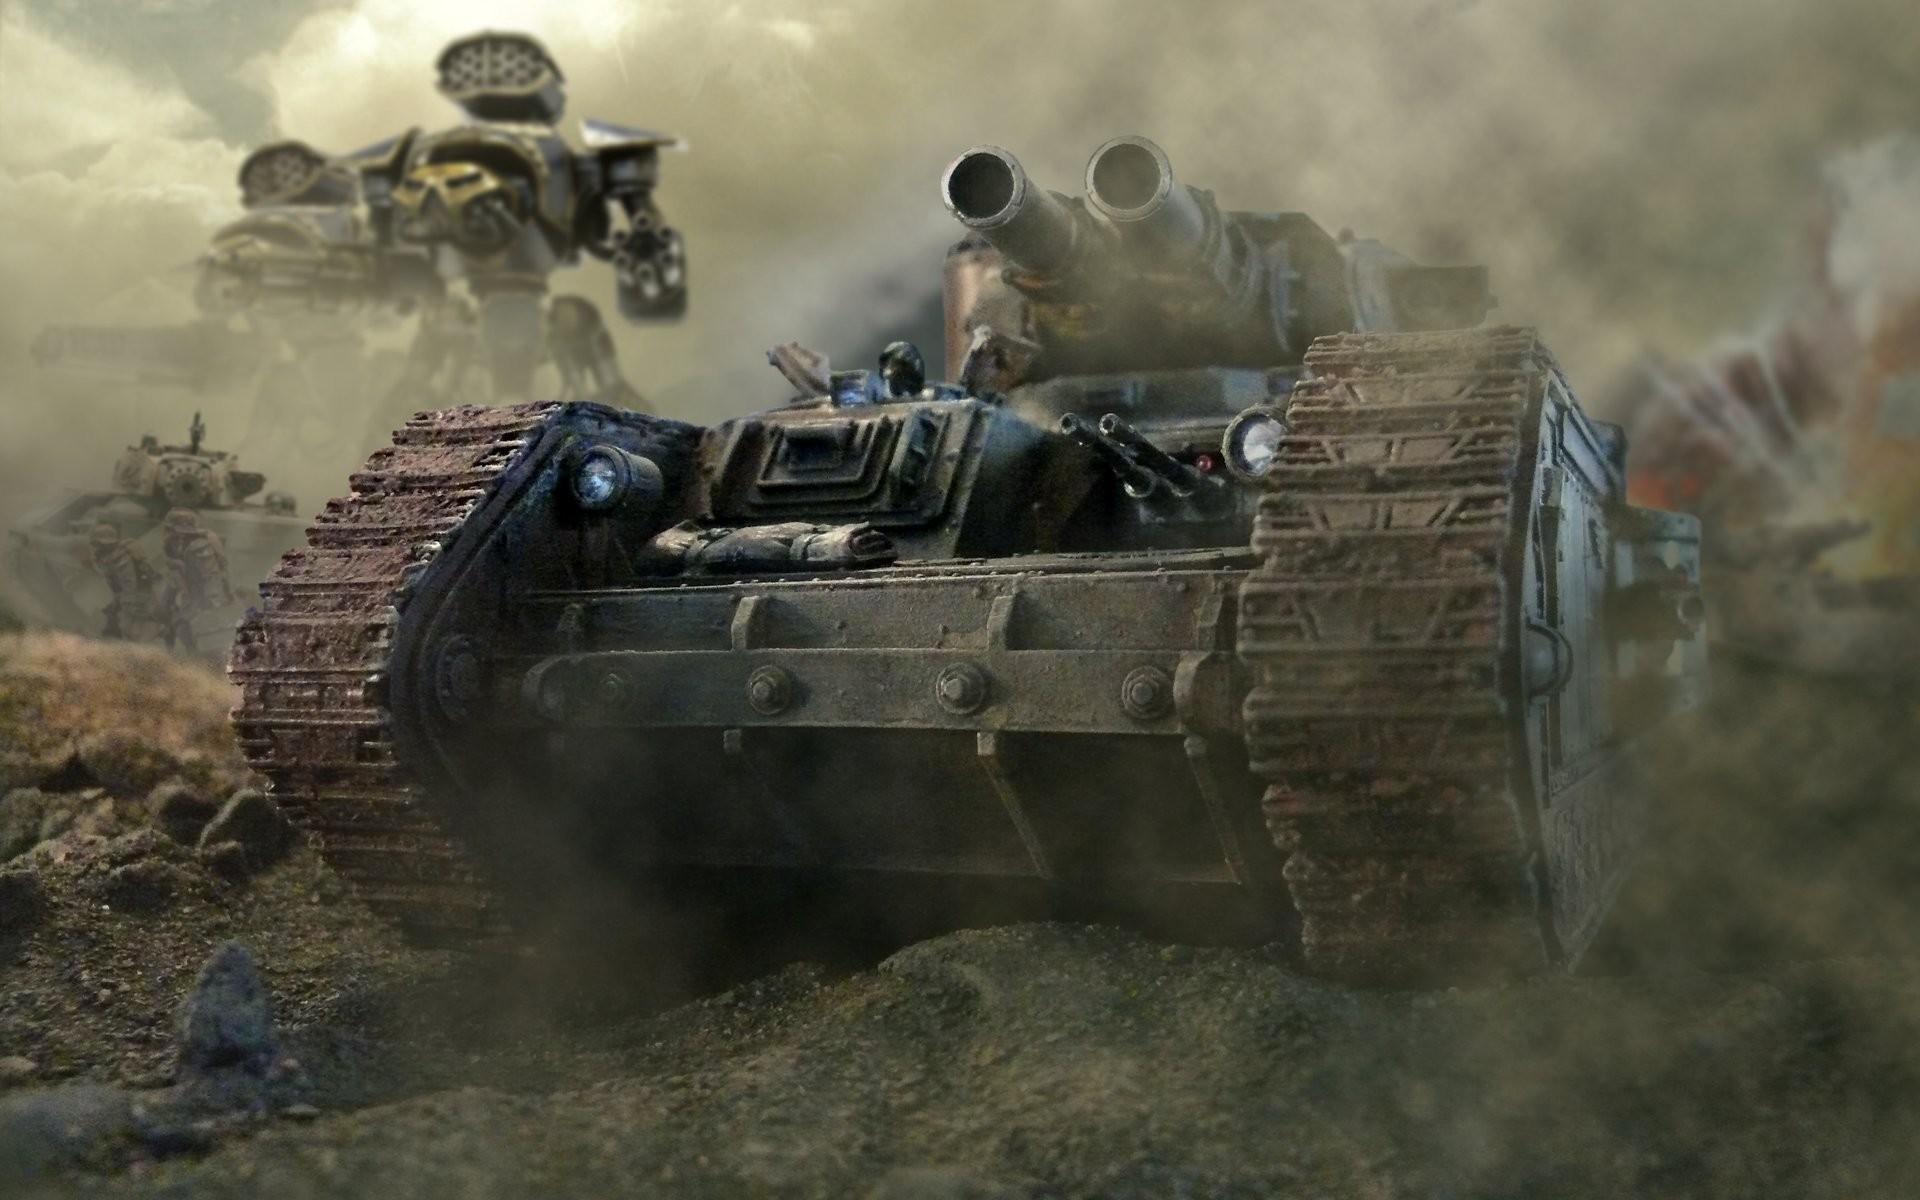 warhammer 40k tank leman russ trunks machine guns head armour imperial guard  smoke imperial titanium